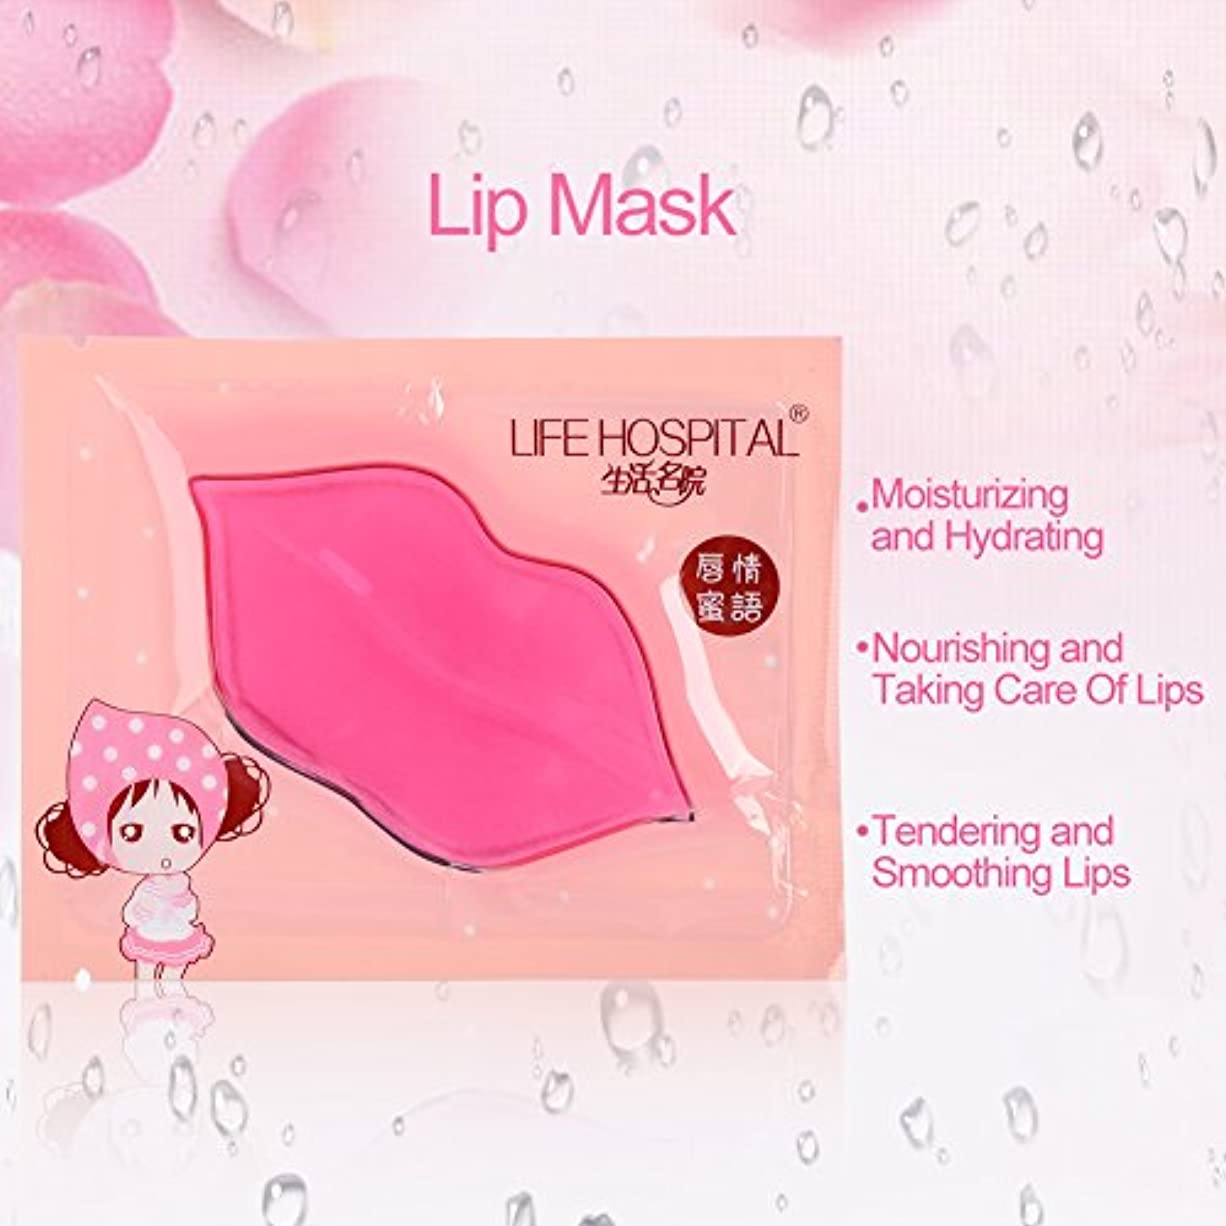 メンバー彫る技術的なリップマスク、15枚入りリップマスクパッチクリスタルコラーゲン水分剥離美容パッド用ドライリップフラーリップ